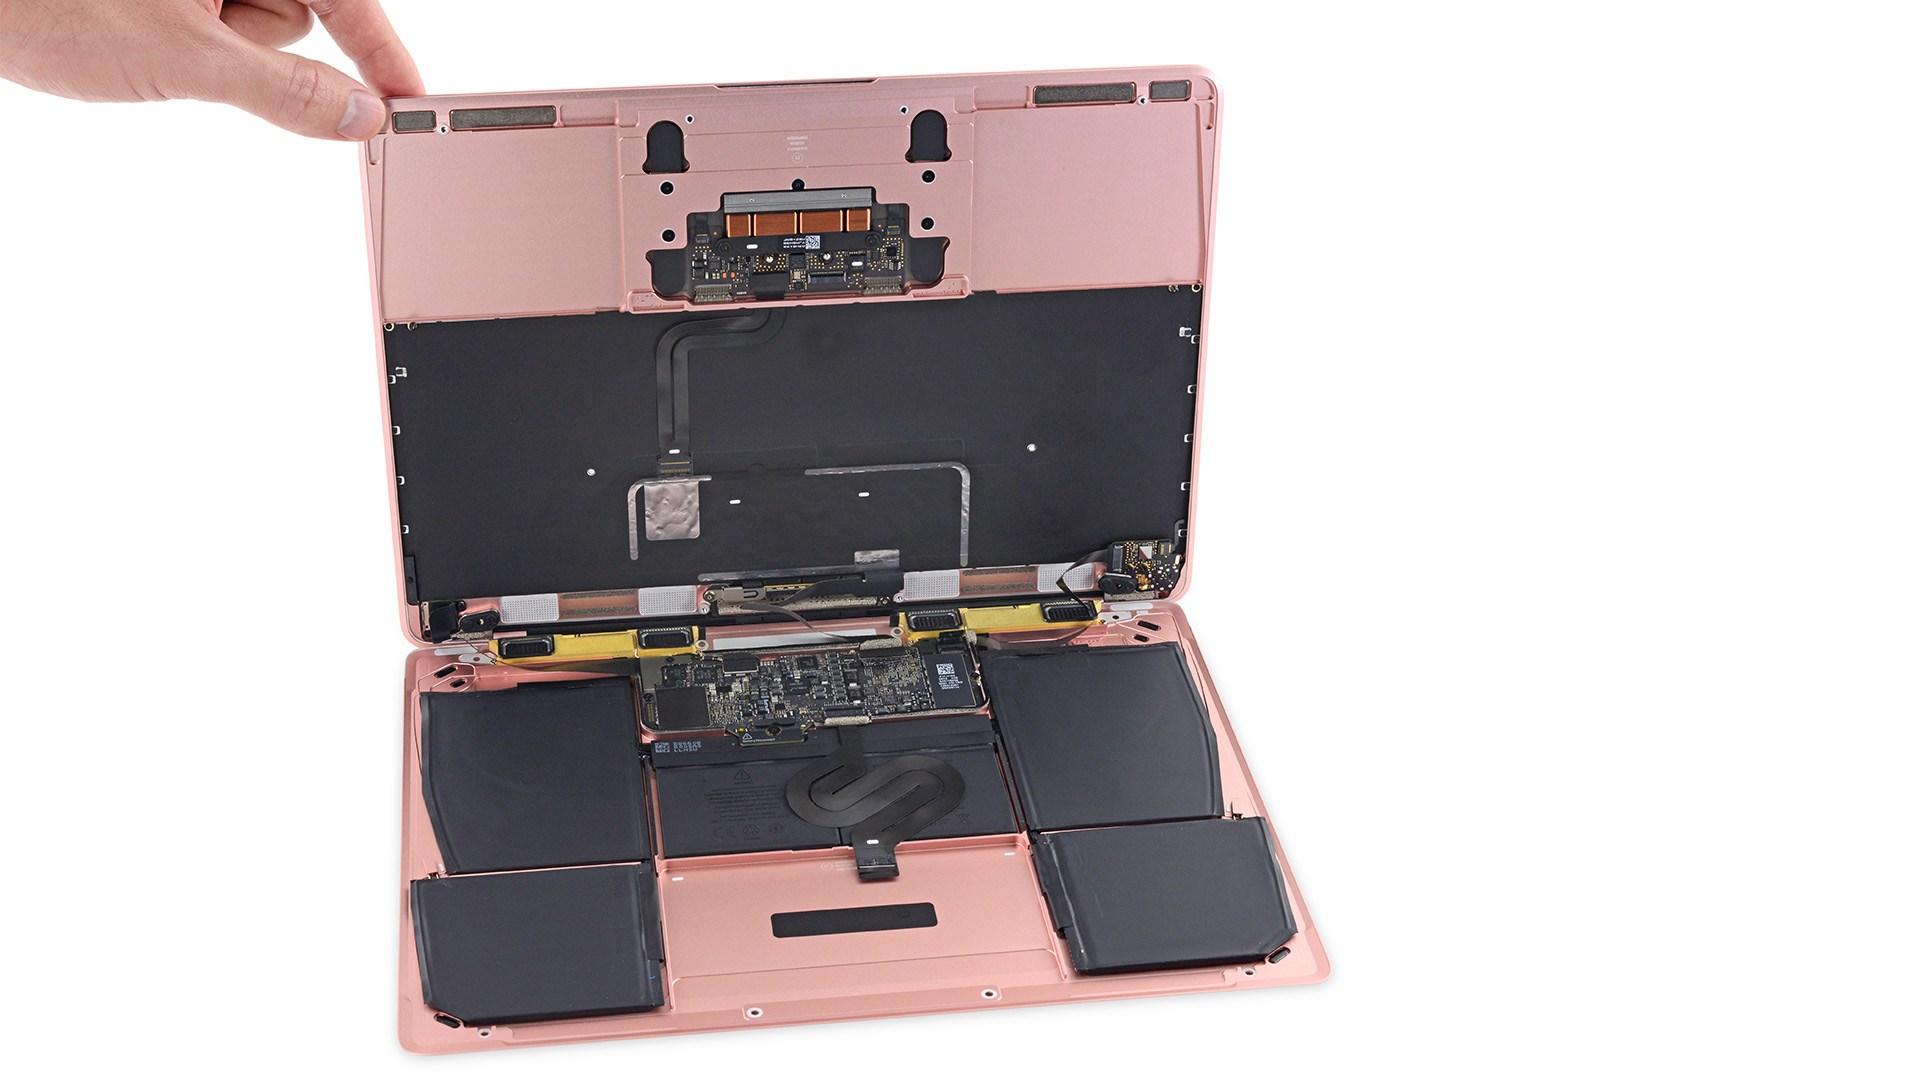 粉紅版MacBook 2016 被拆解完成,愛八掛的看過來! | Qooah